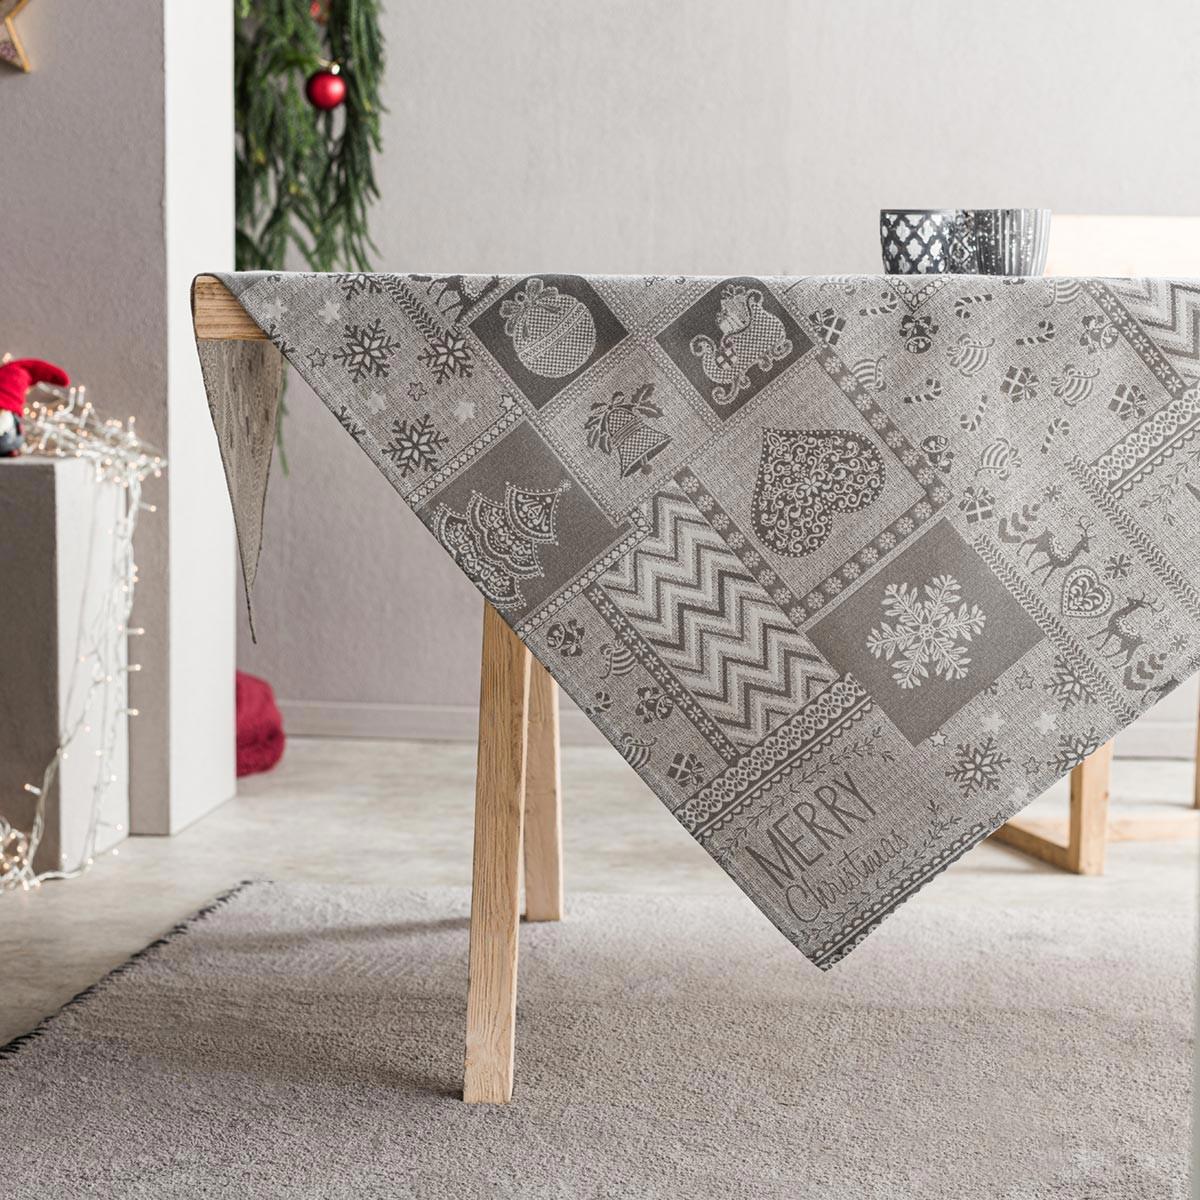 Χριστουγεννιάτικο Τραπεζομάντηλο (135×310) Gofis Home 594/15